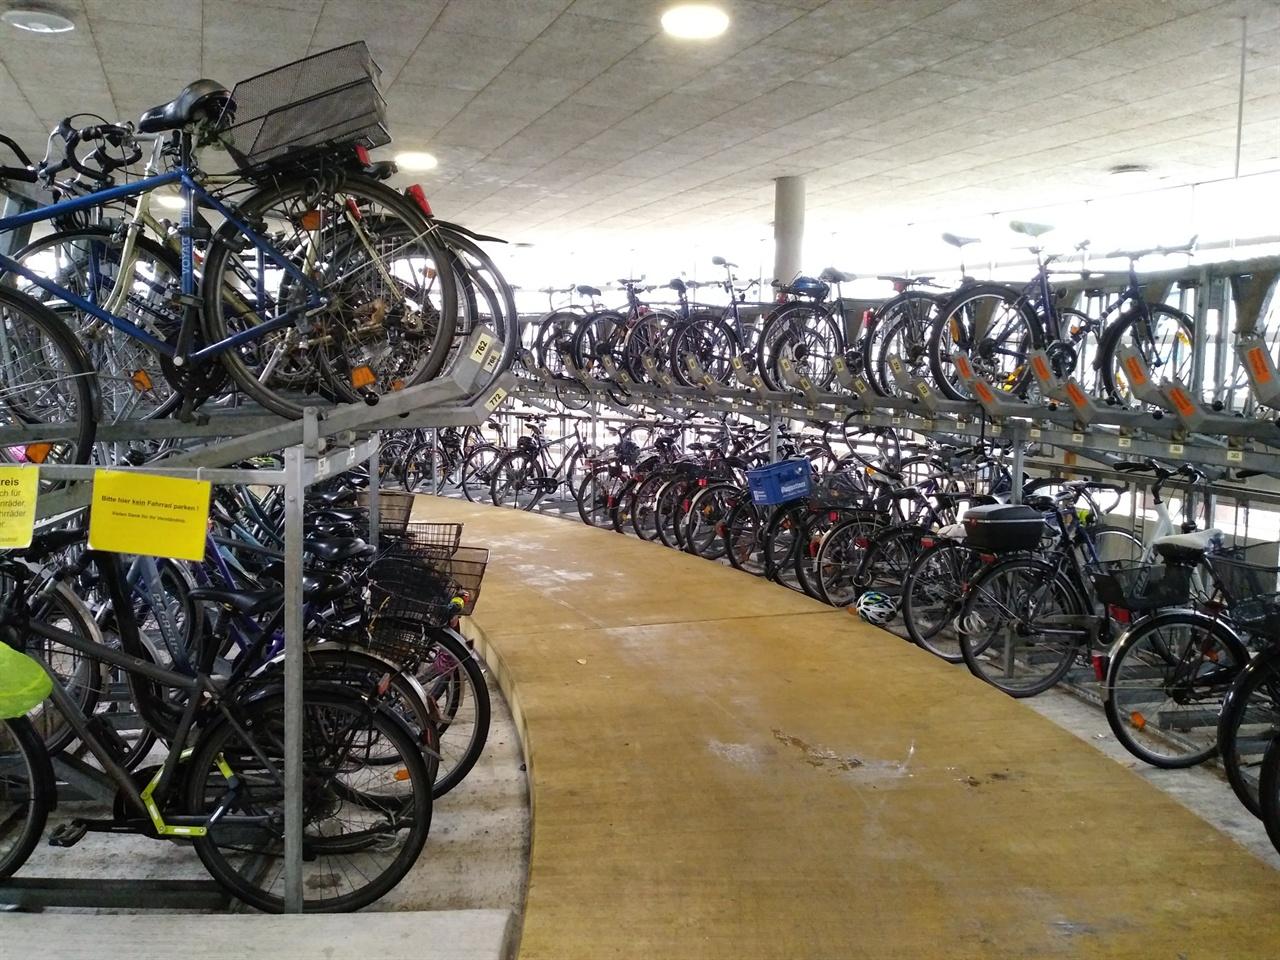 자전거 전용주차장 내부 프라이부르그 기차역과 연결된 전용주차장. 언뜻 버려진 자전거를 모아둔 고물상처럼 보이기까지 한다.